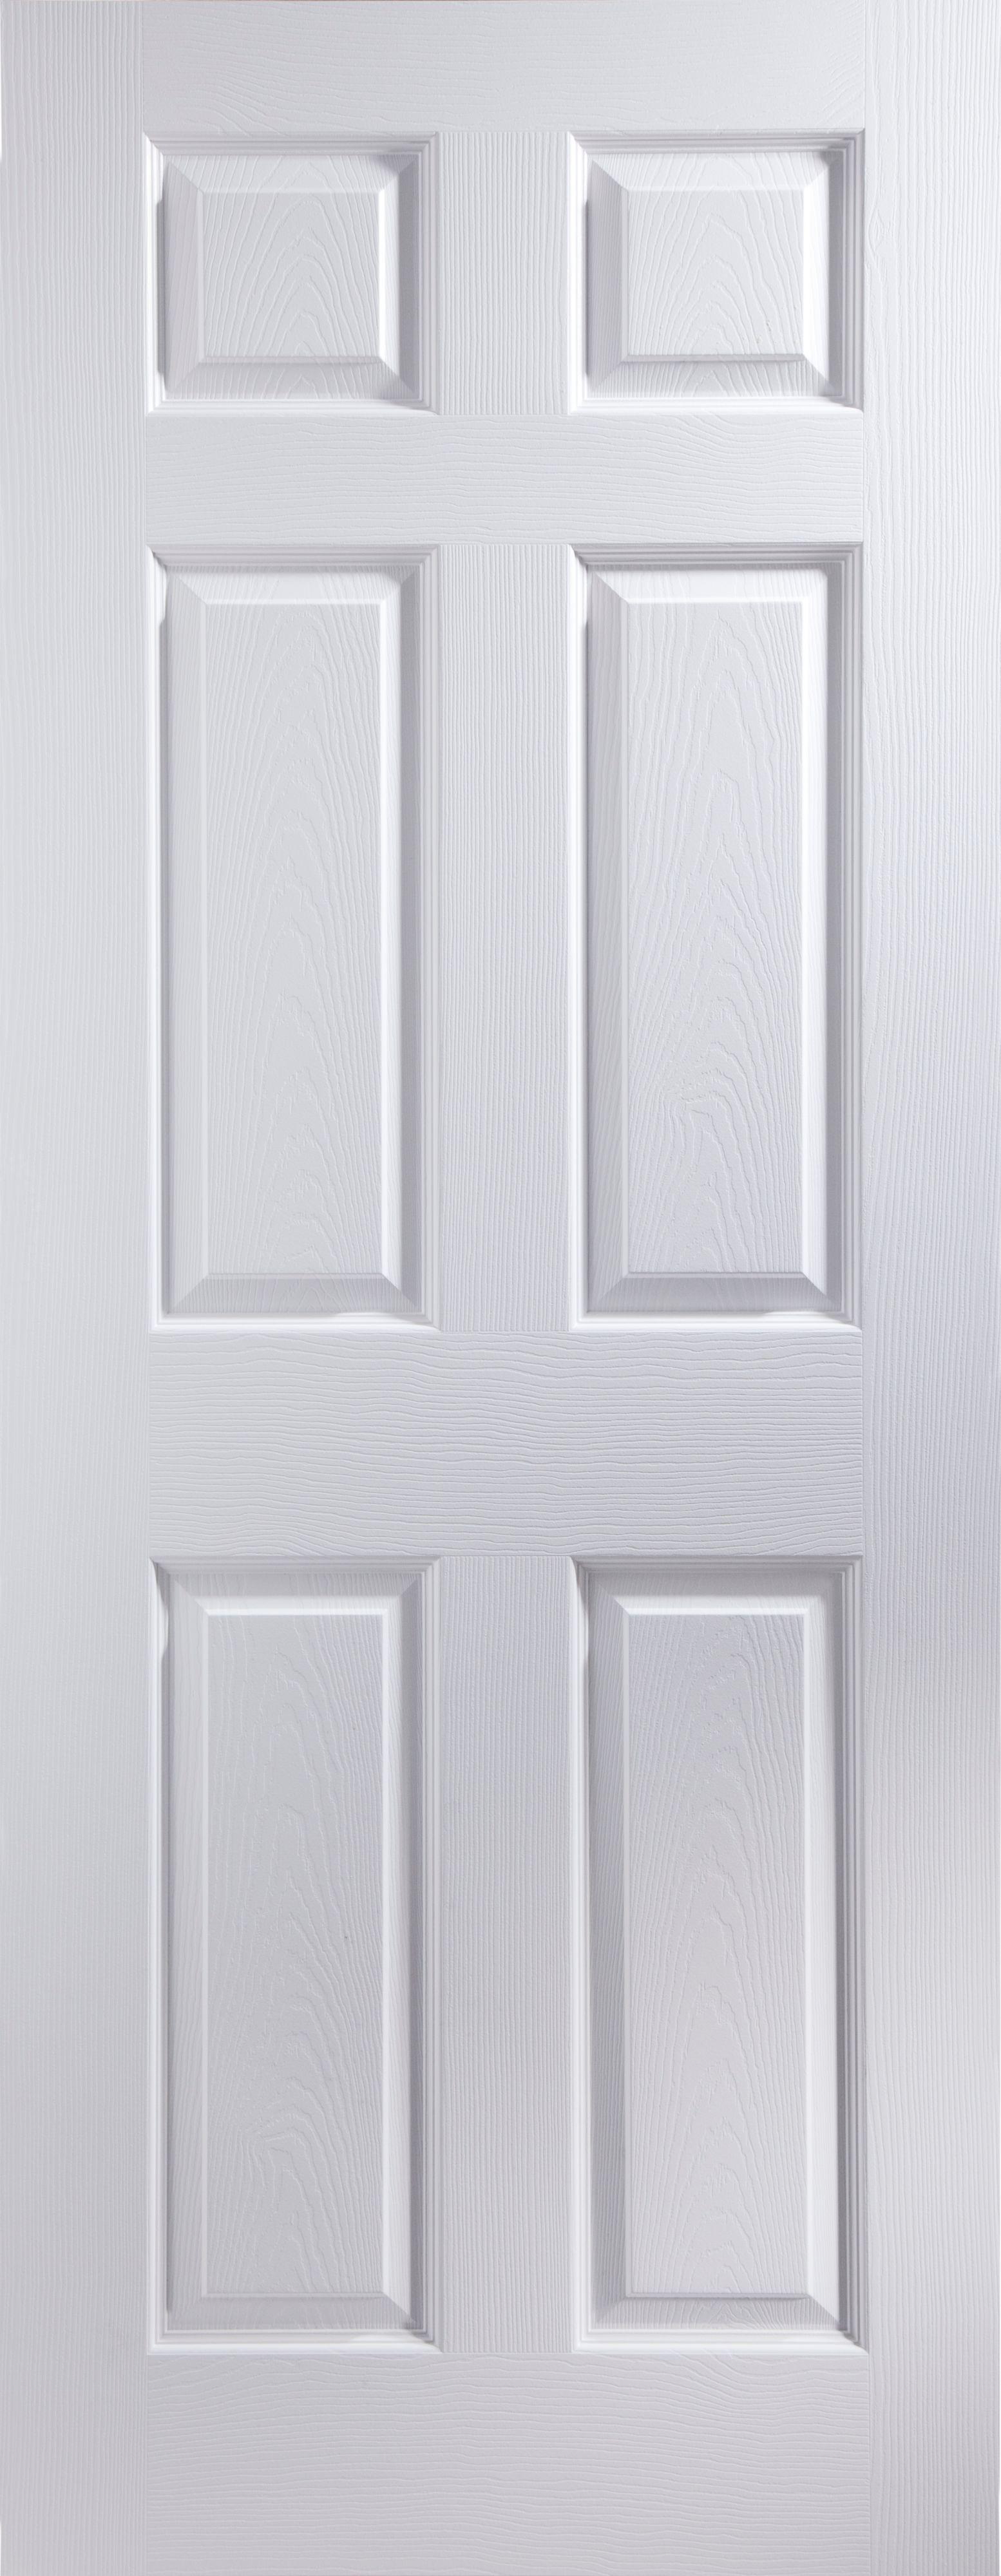 6 Panel Primed Woodgrain Effect Unglazed Internal Standard Door H